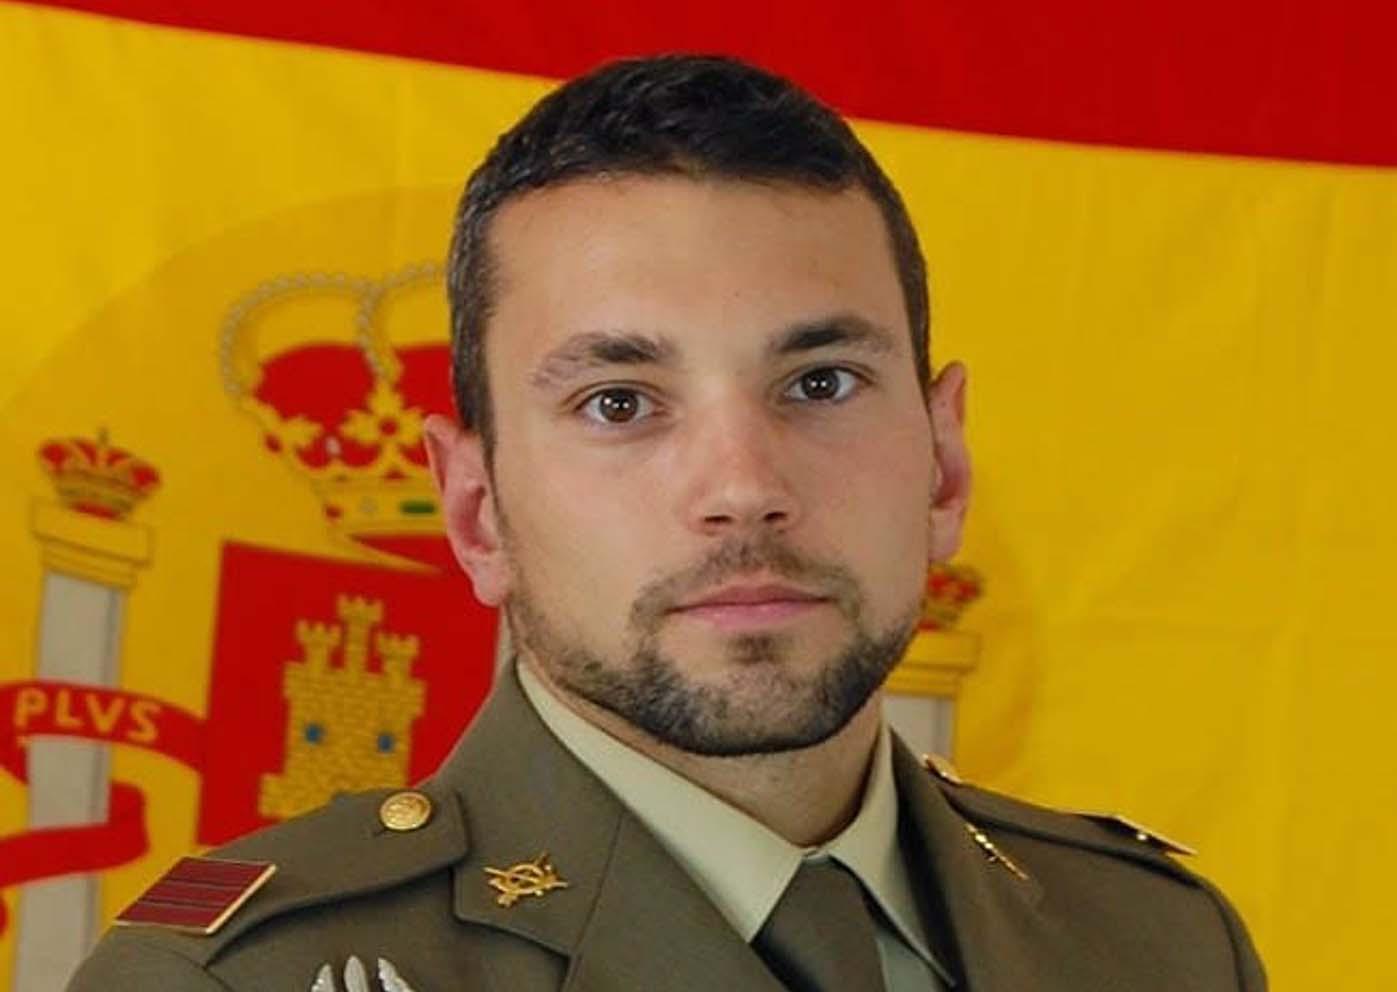 El sargento Rafael Gallart Martínez, fallecido durante un salto en paracaídas.